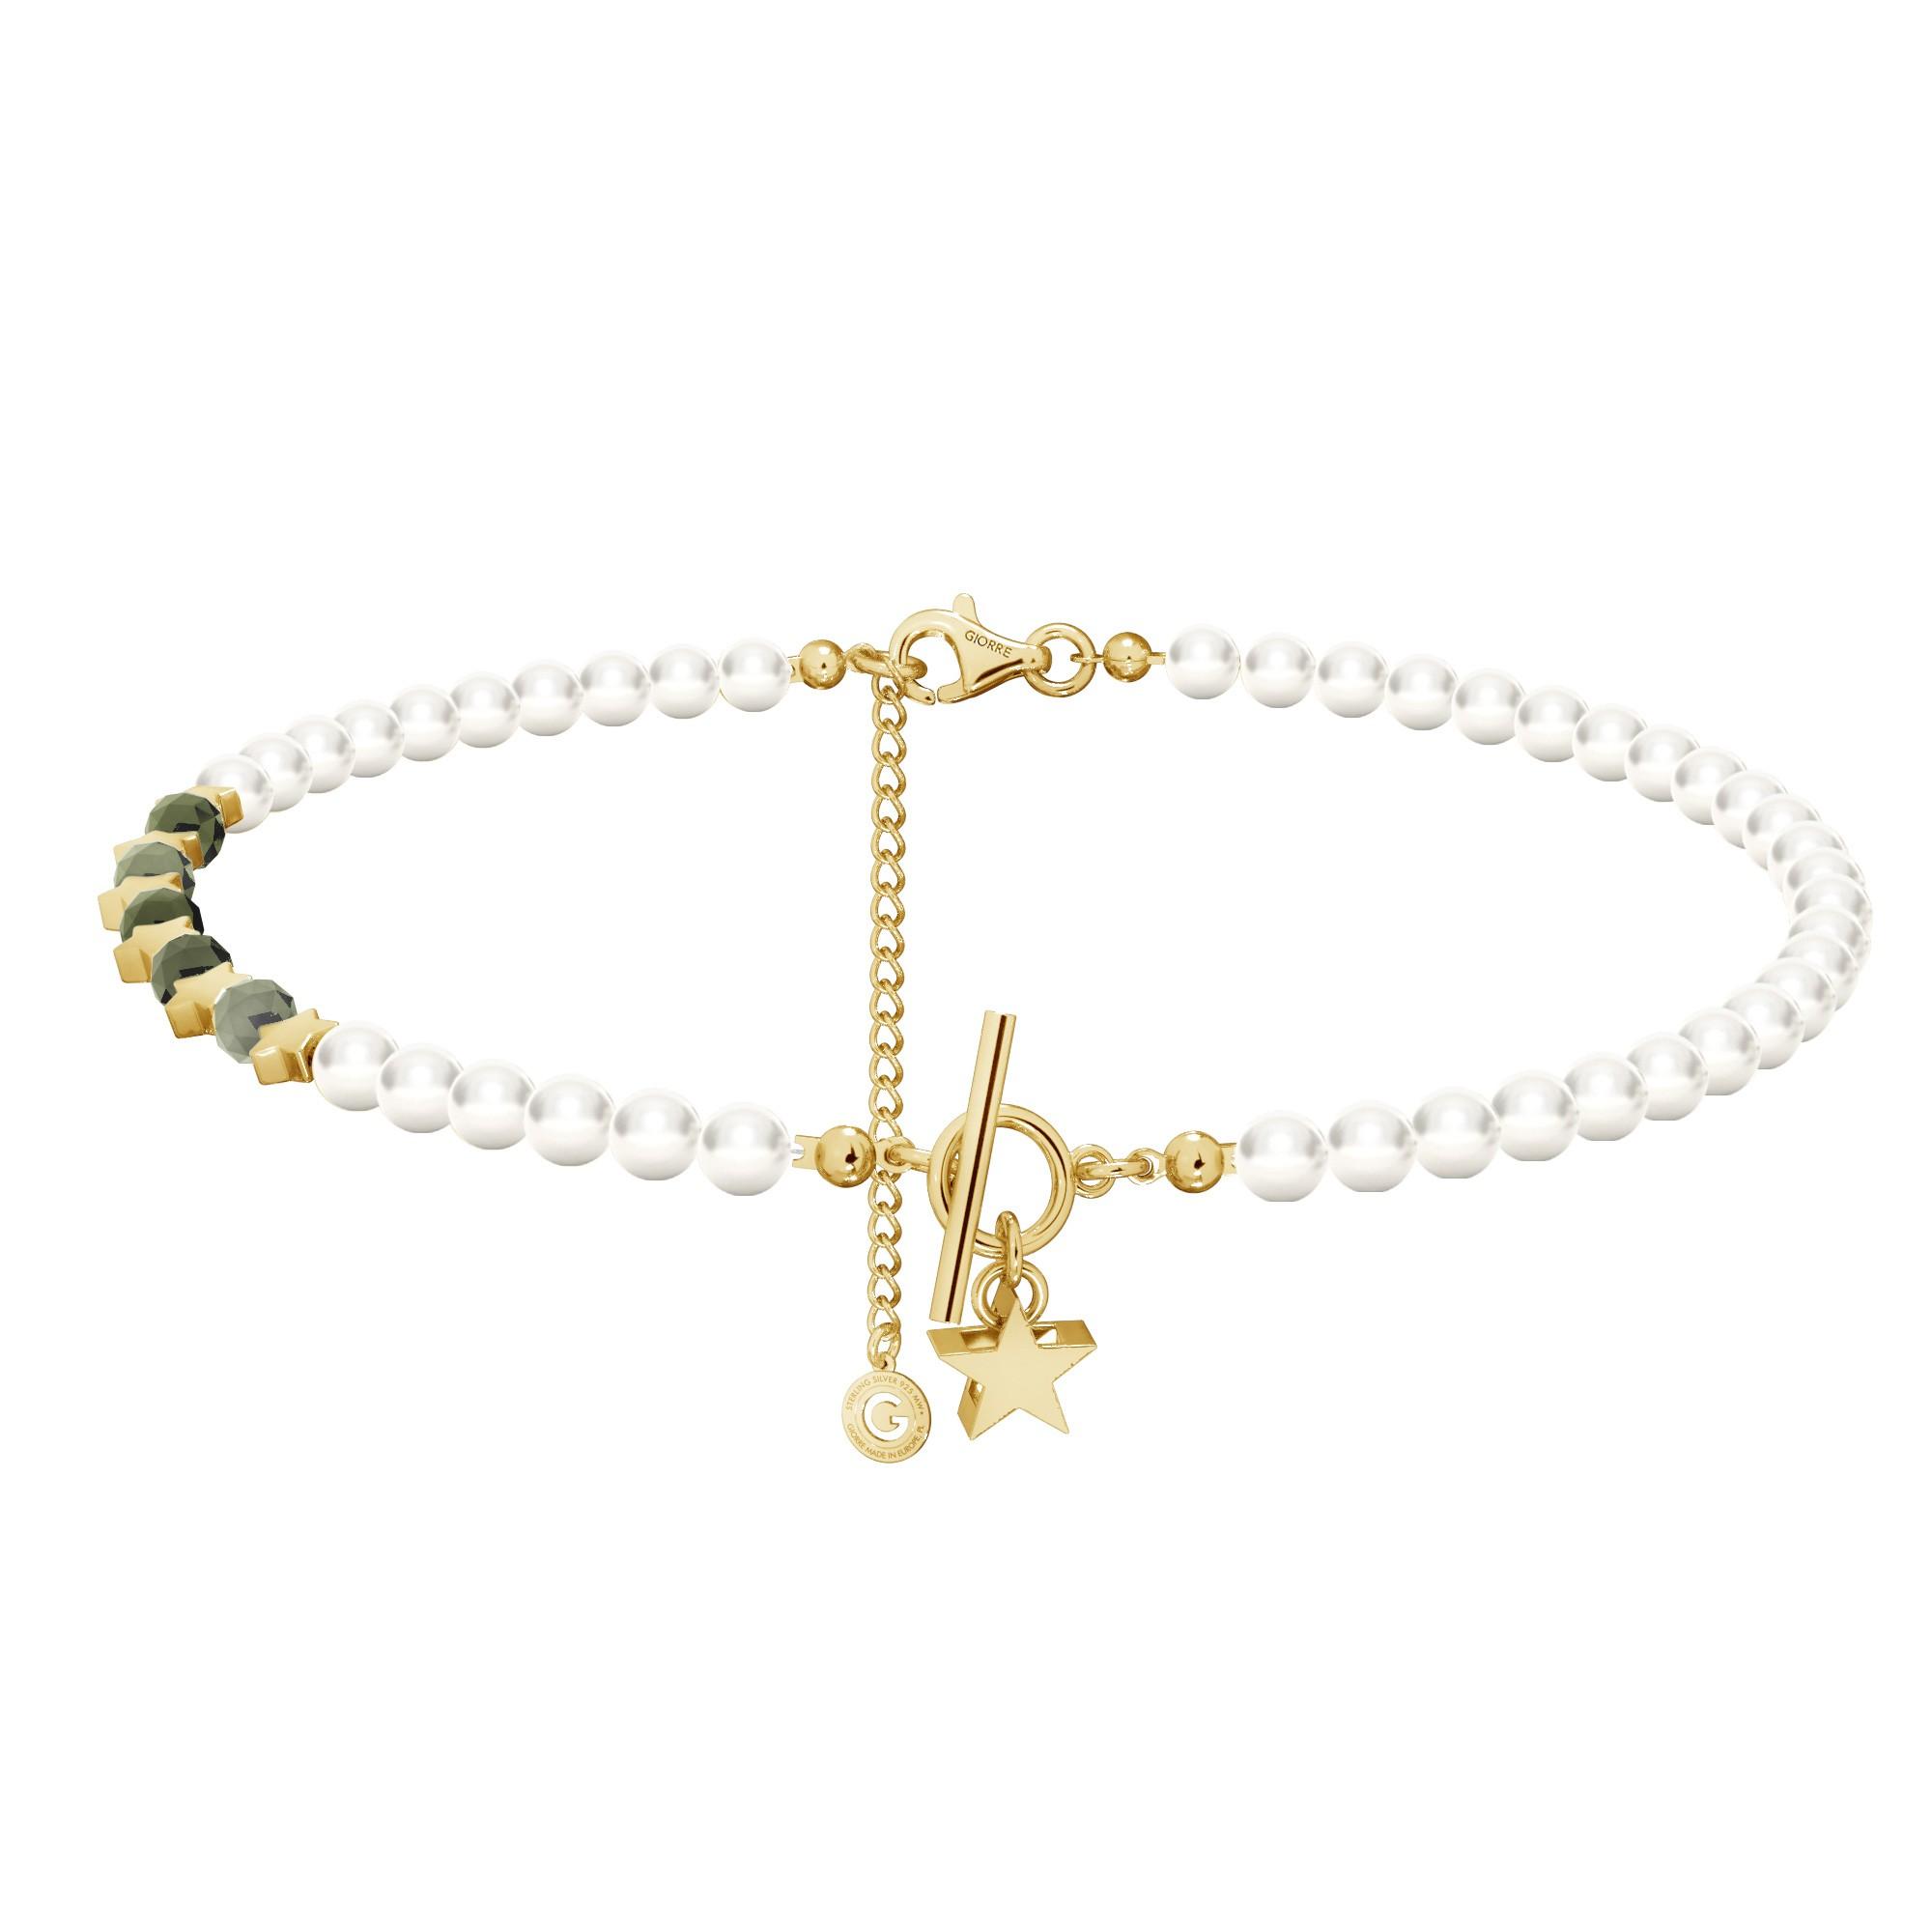 Szmaragdowy choker z perłami i gwiazdkami, srebro 925